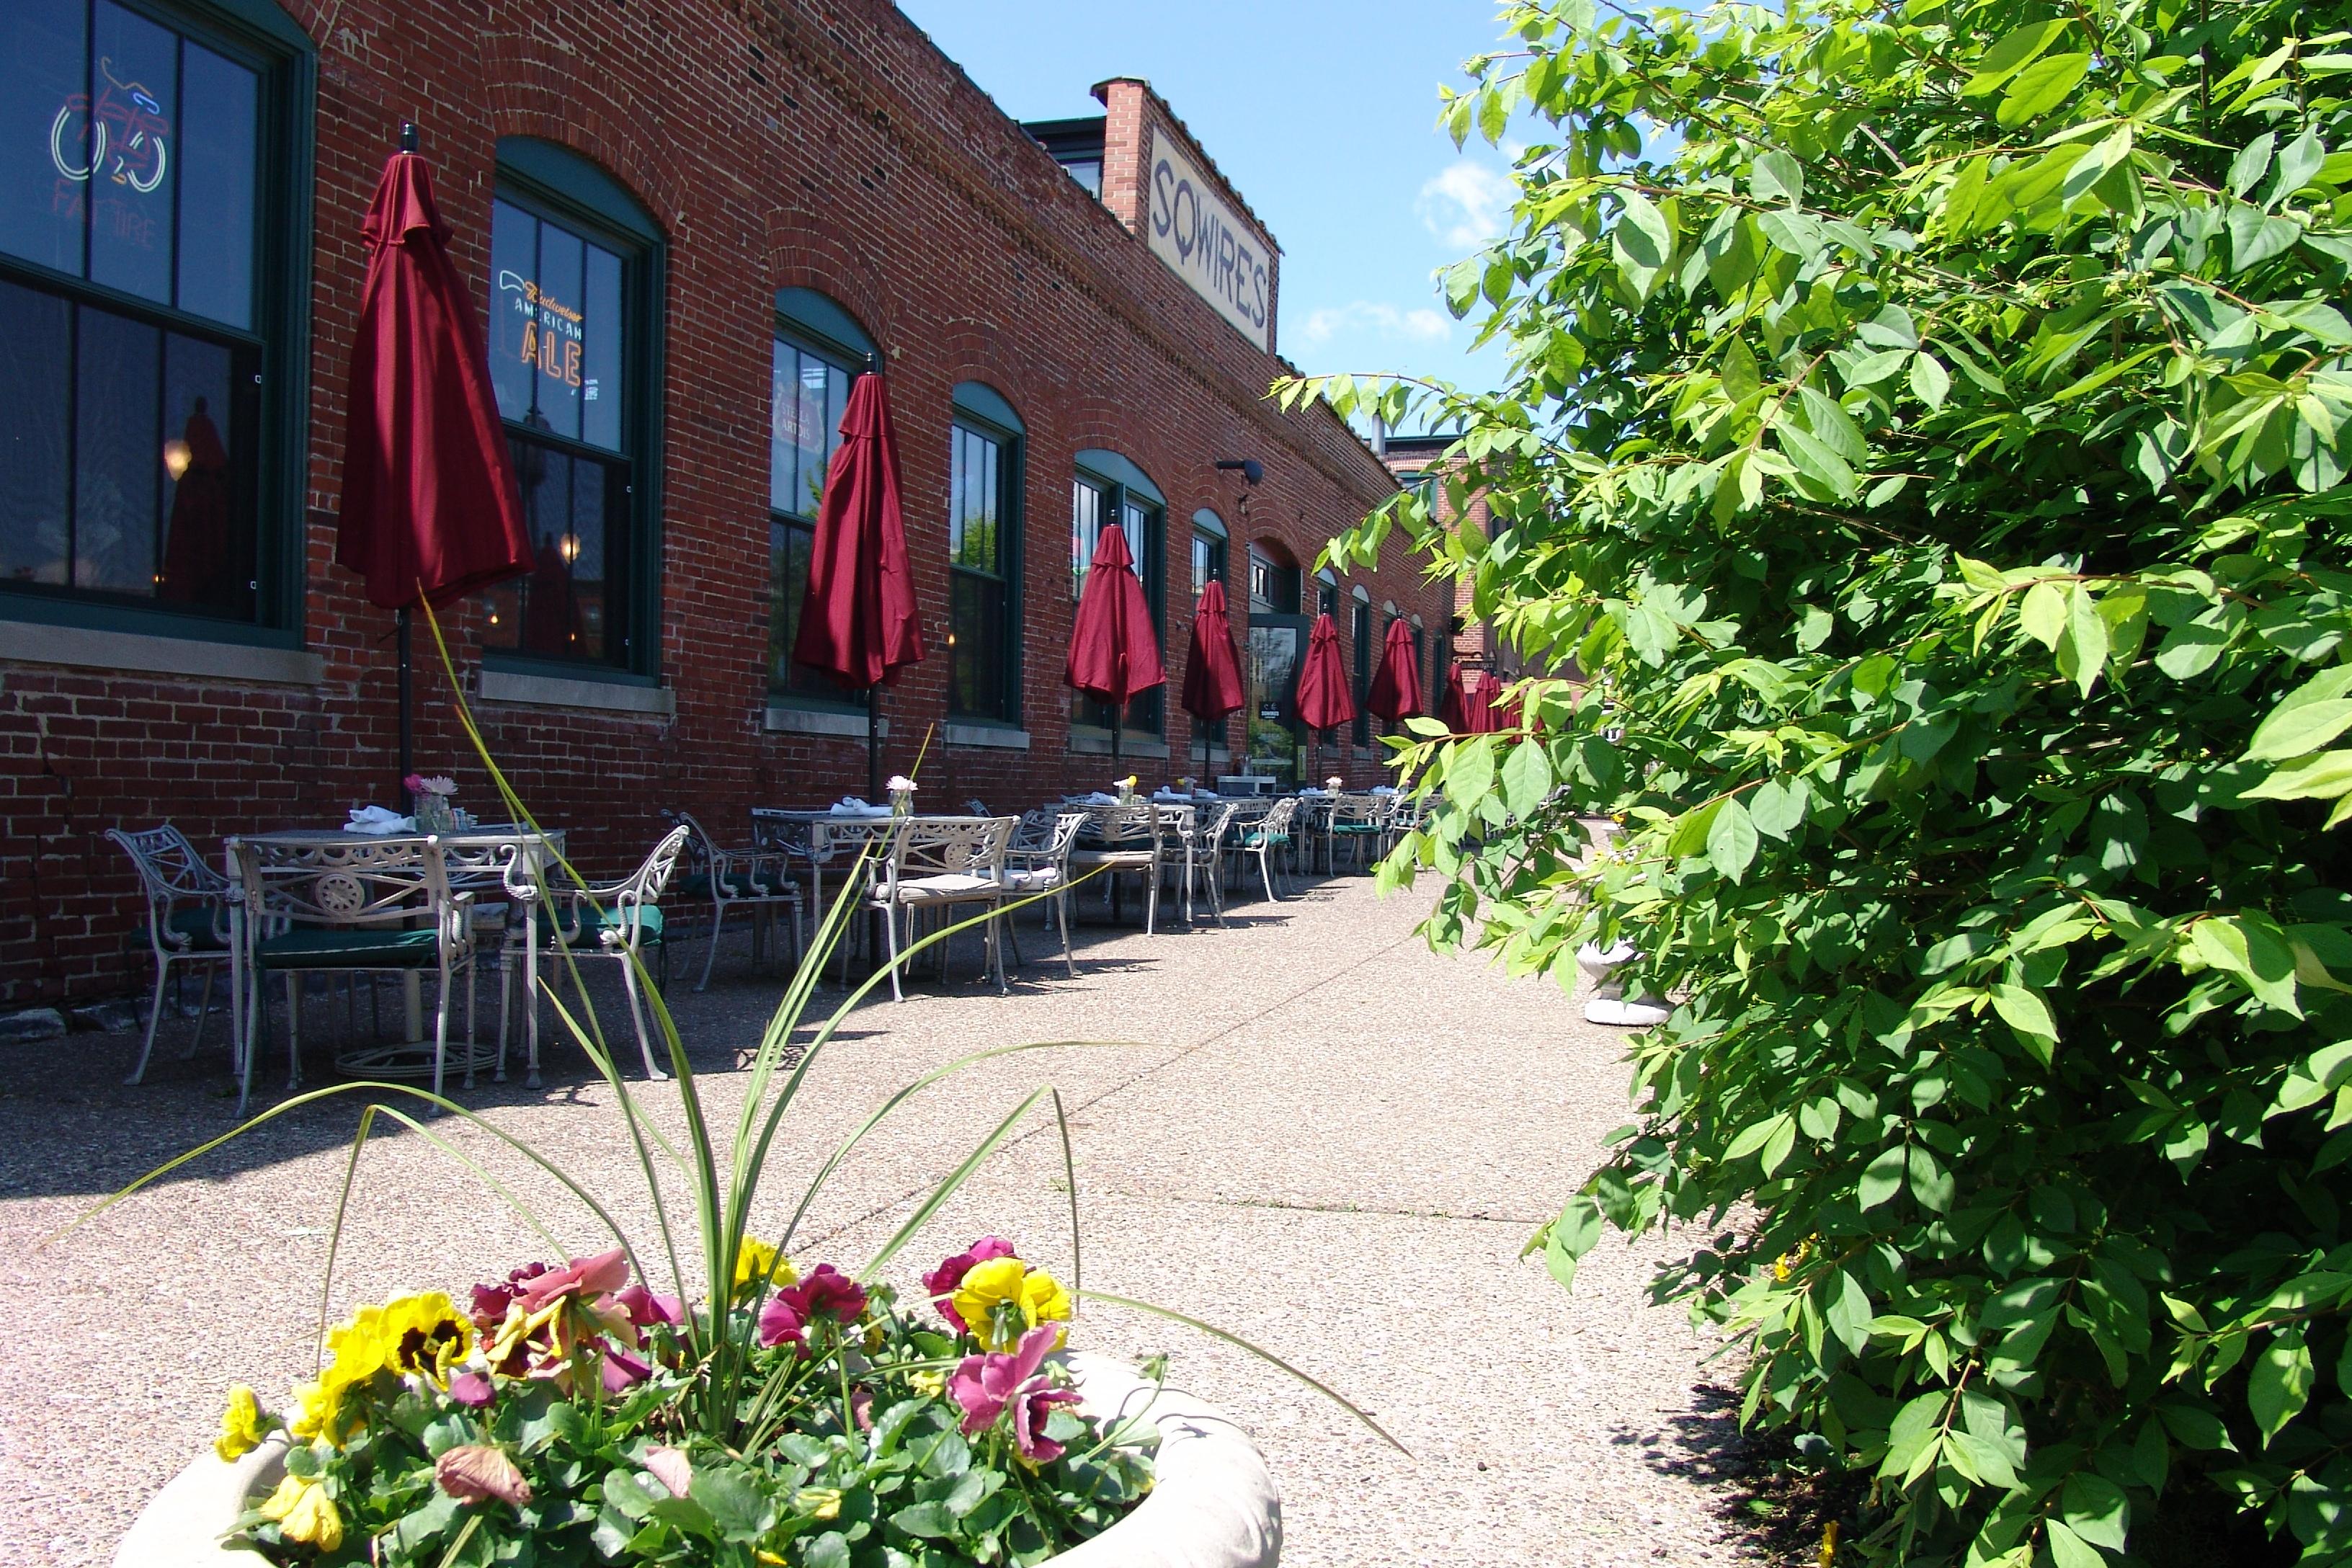 SqWires Restaurant & Annex image 1